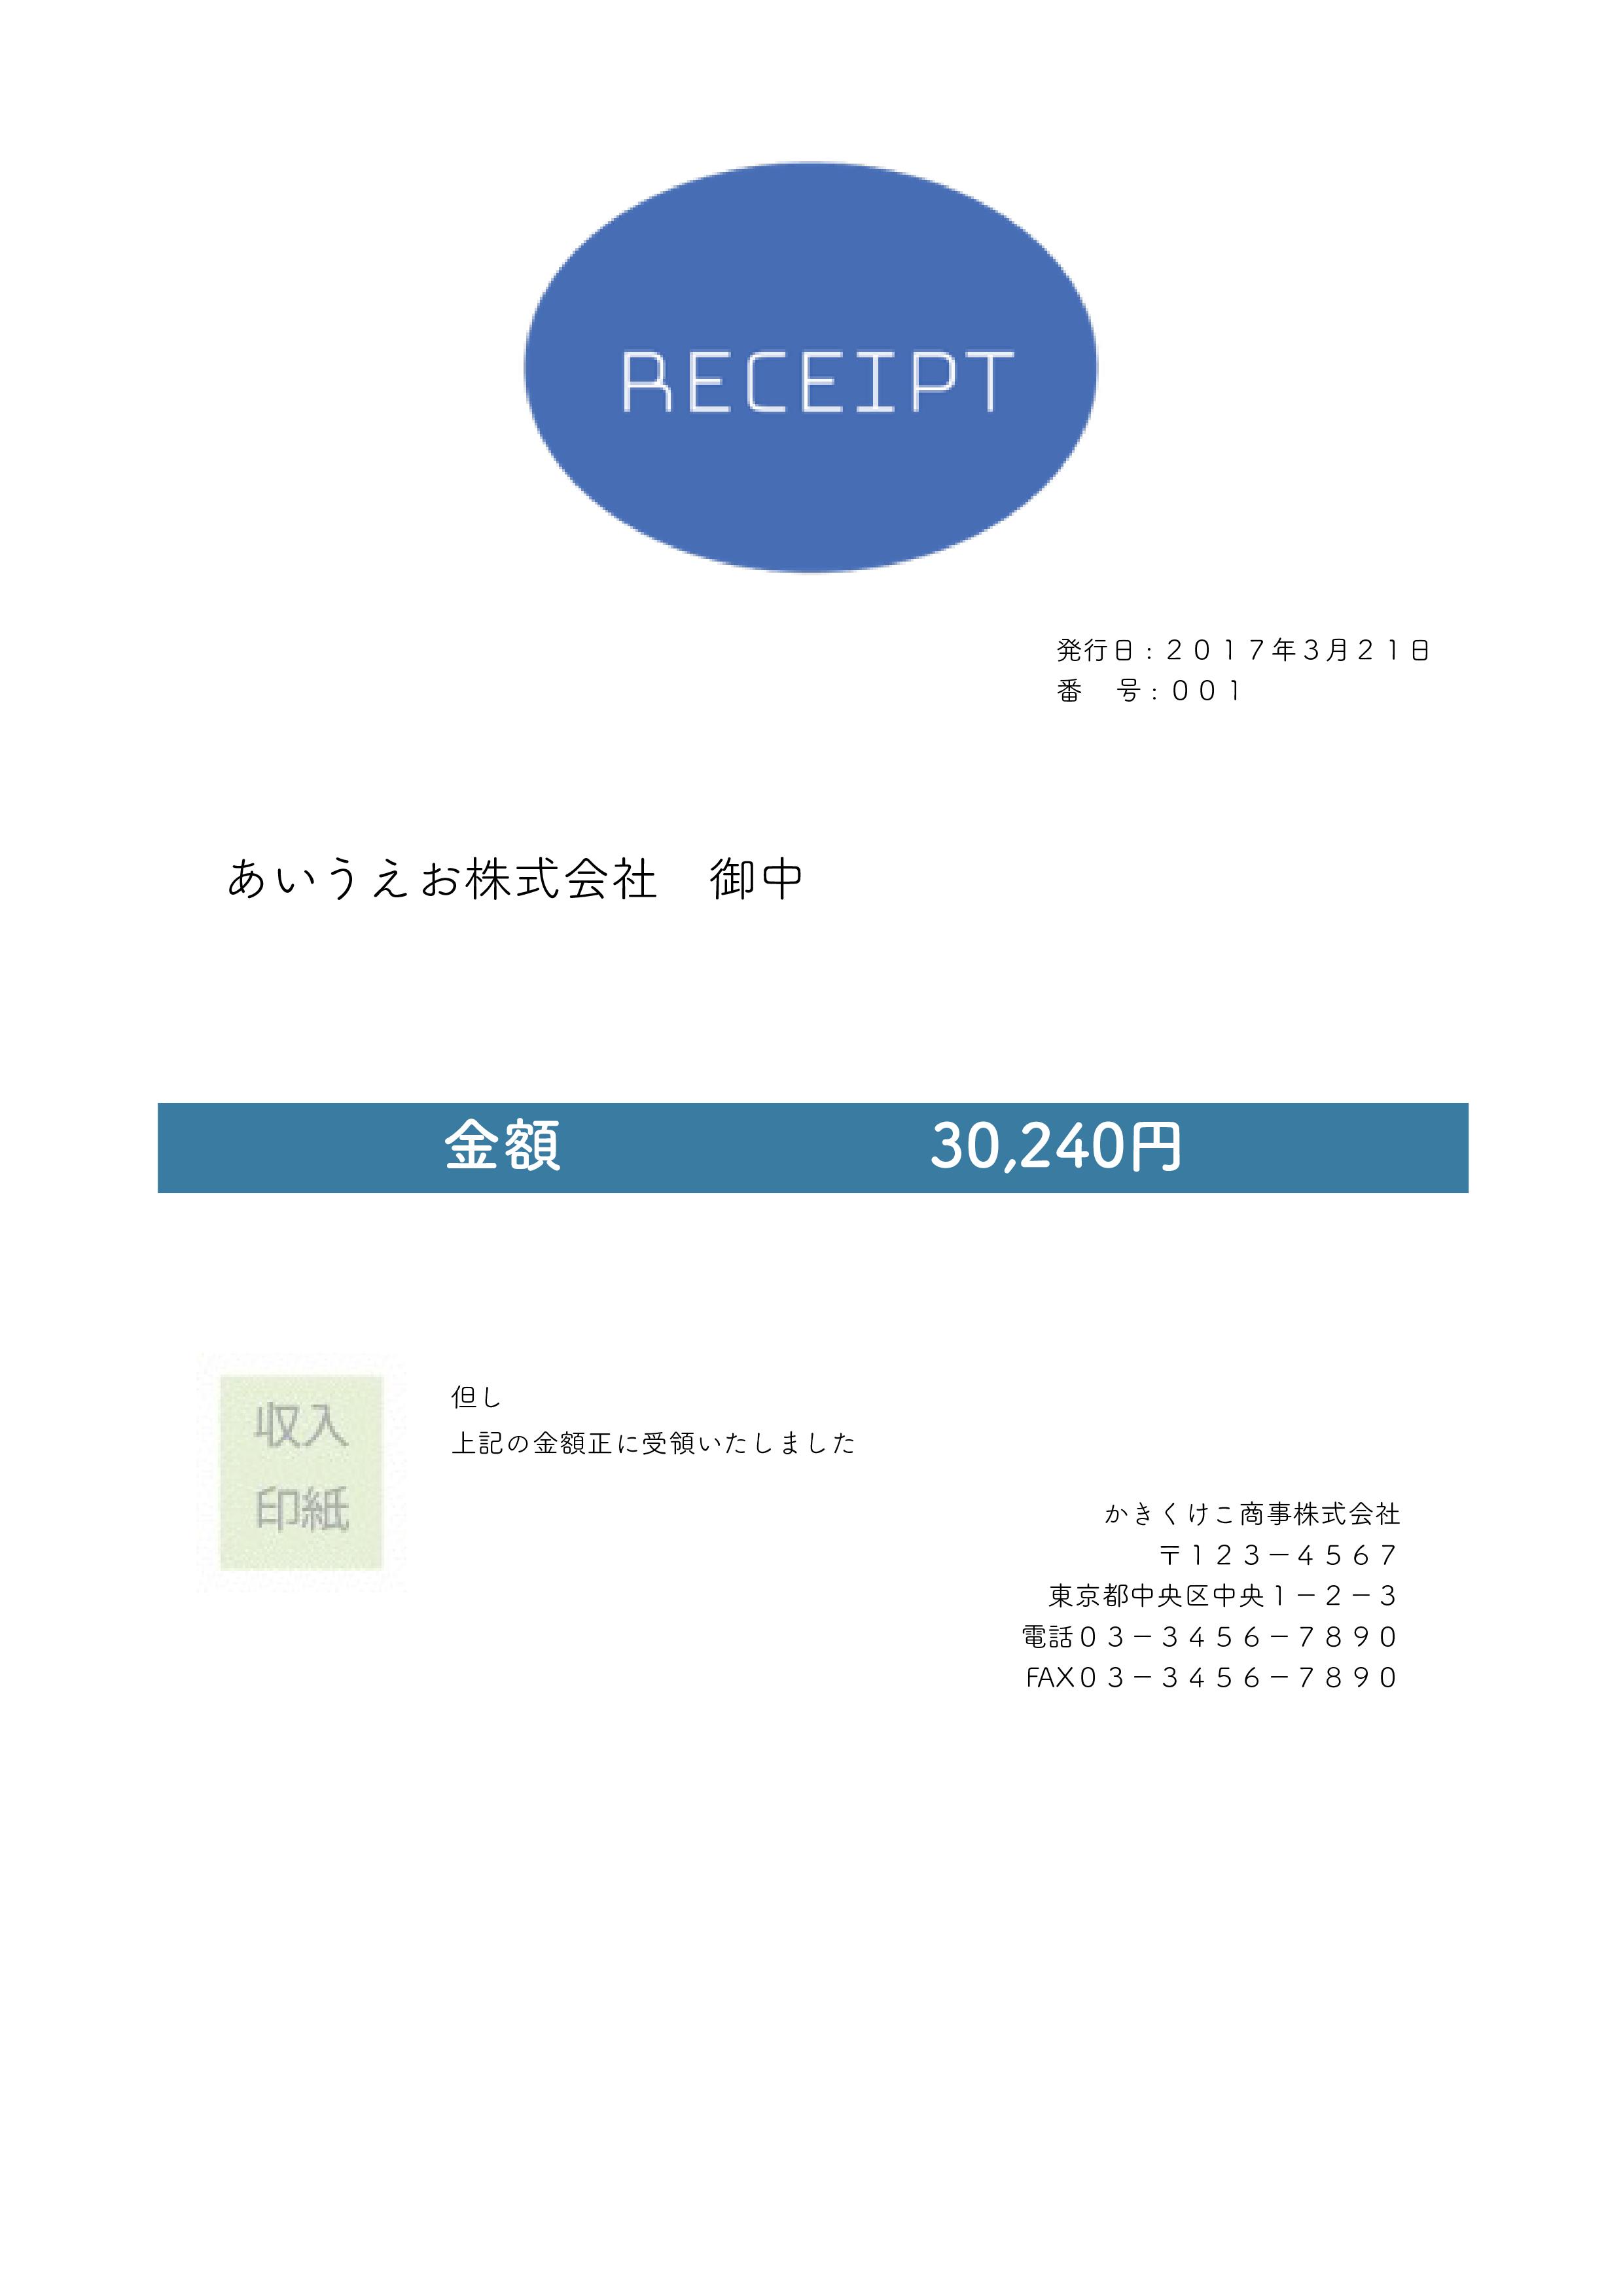 シンプルな領収書(Receipt)テンプレート(ワード、ページズ)A4サイズ ブルー